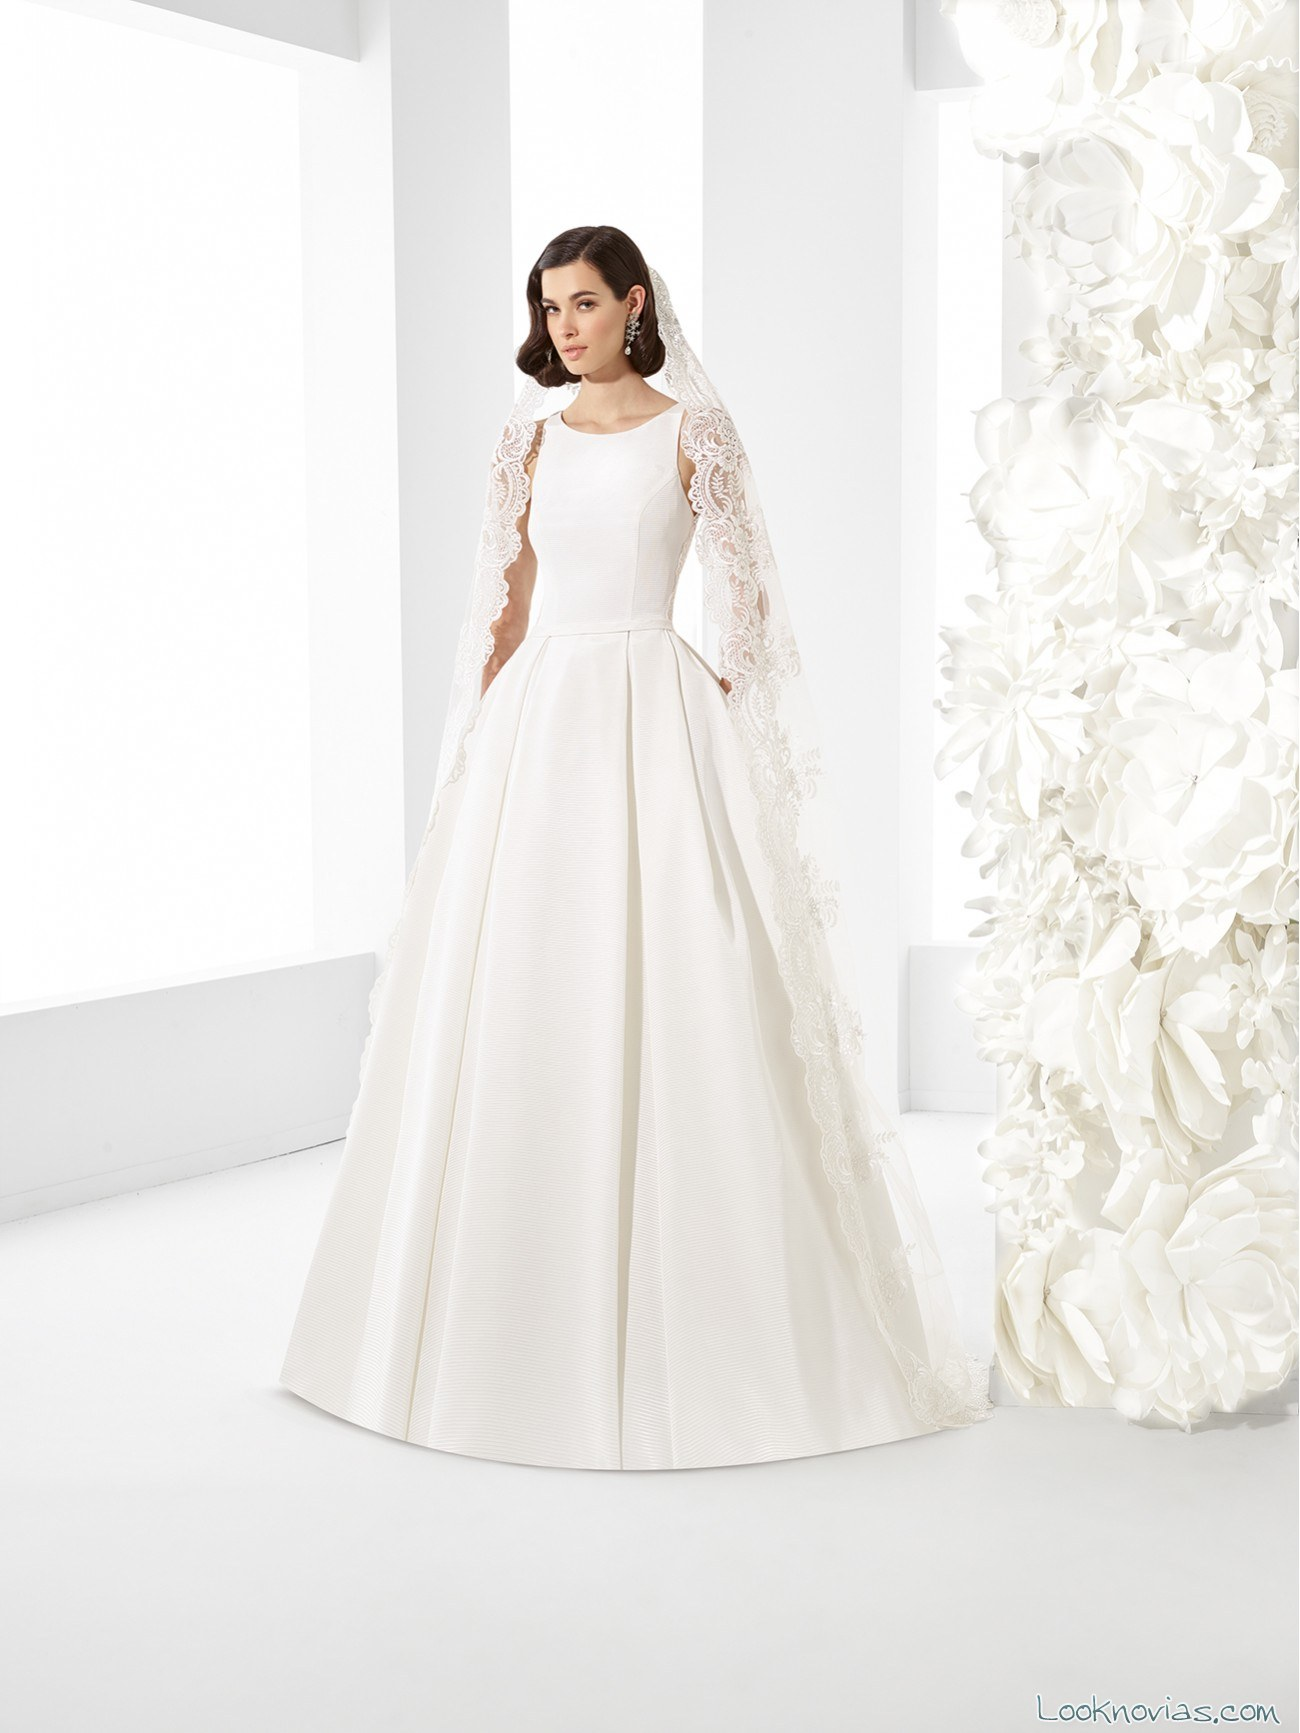 vestido con falda vaporosa minimalista 2017